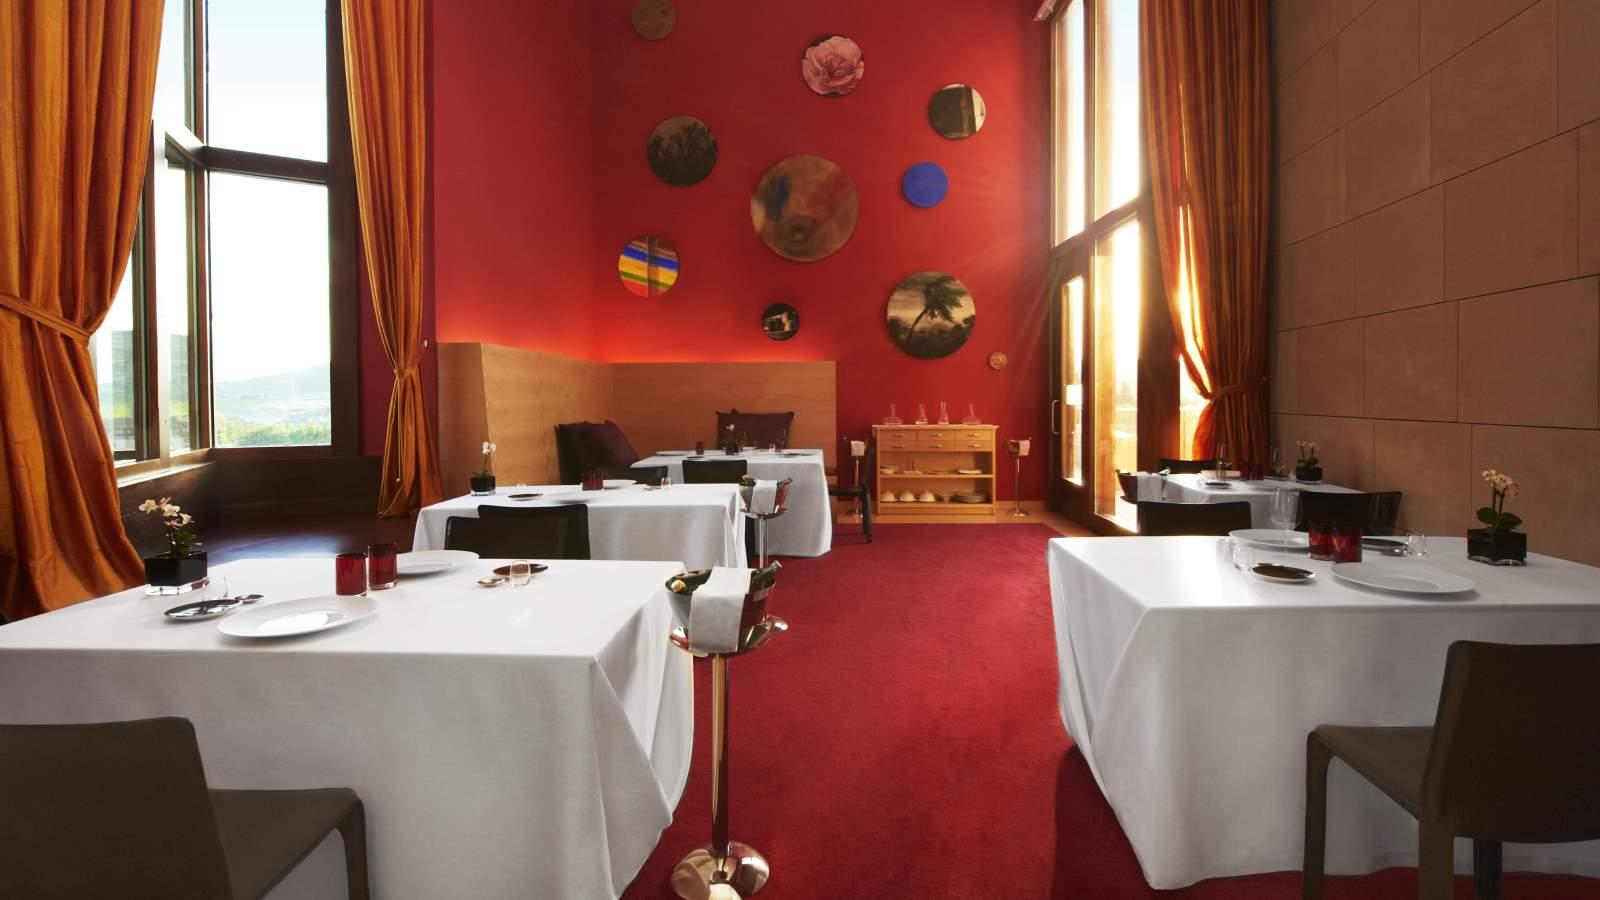 瑞格尔侯爵餐厅